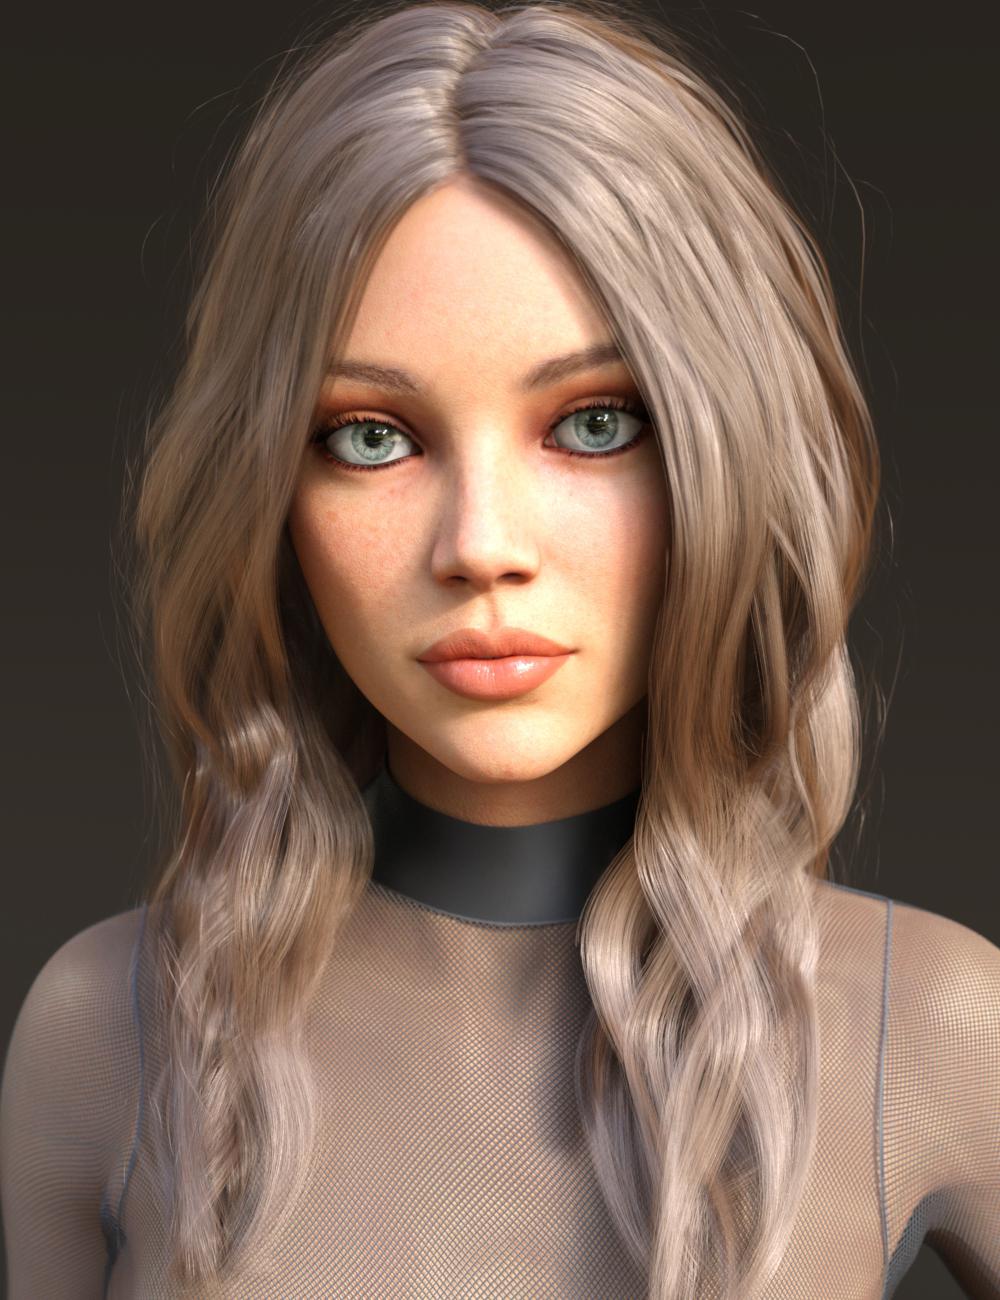 Arlene Hair for Genesis 3 and 8 Females by: Kool, 3D Models by Daz 3D